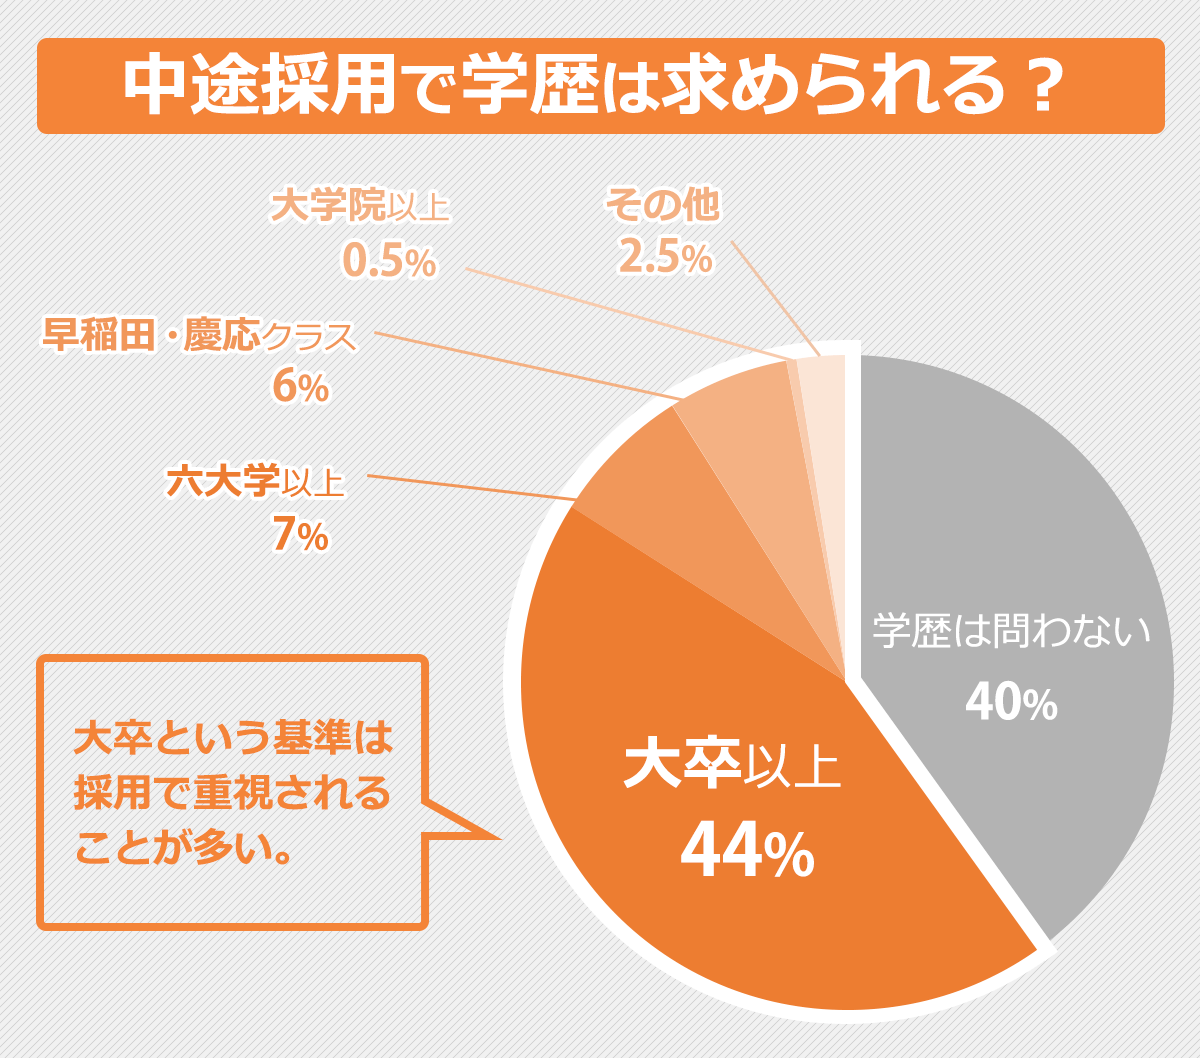 中途採用で求められる学歴を表した円グラフ。